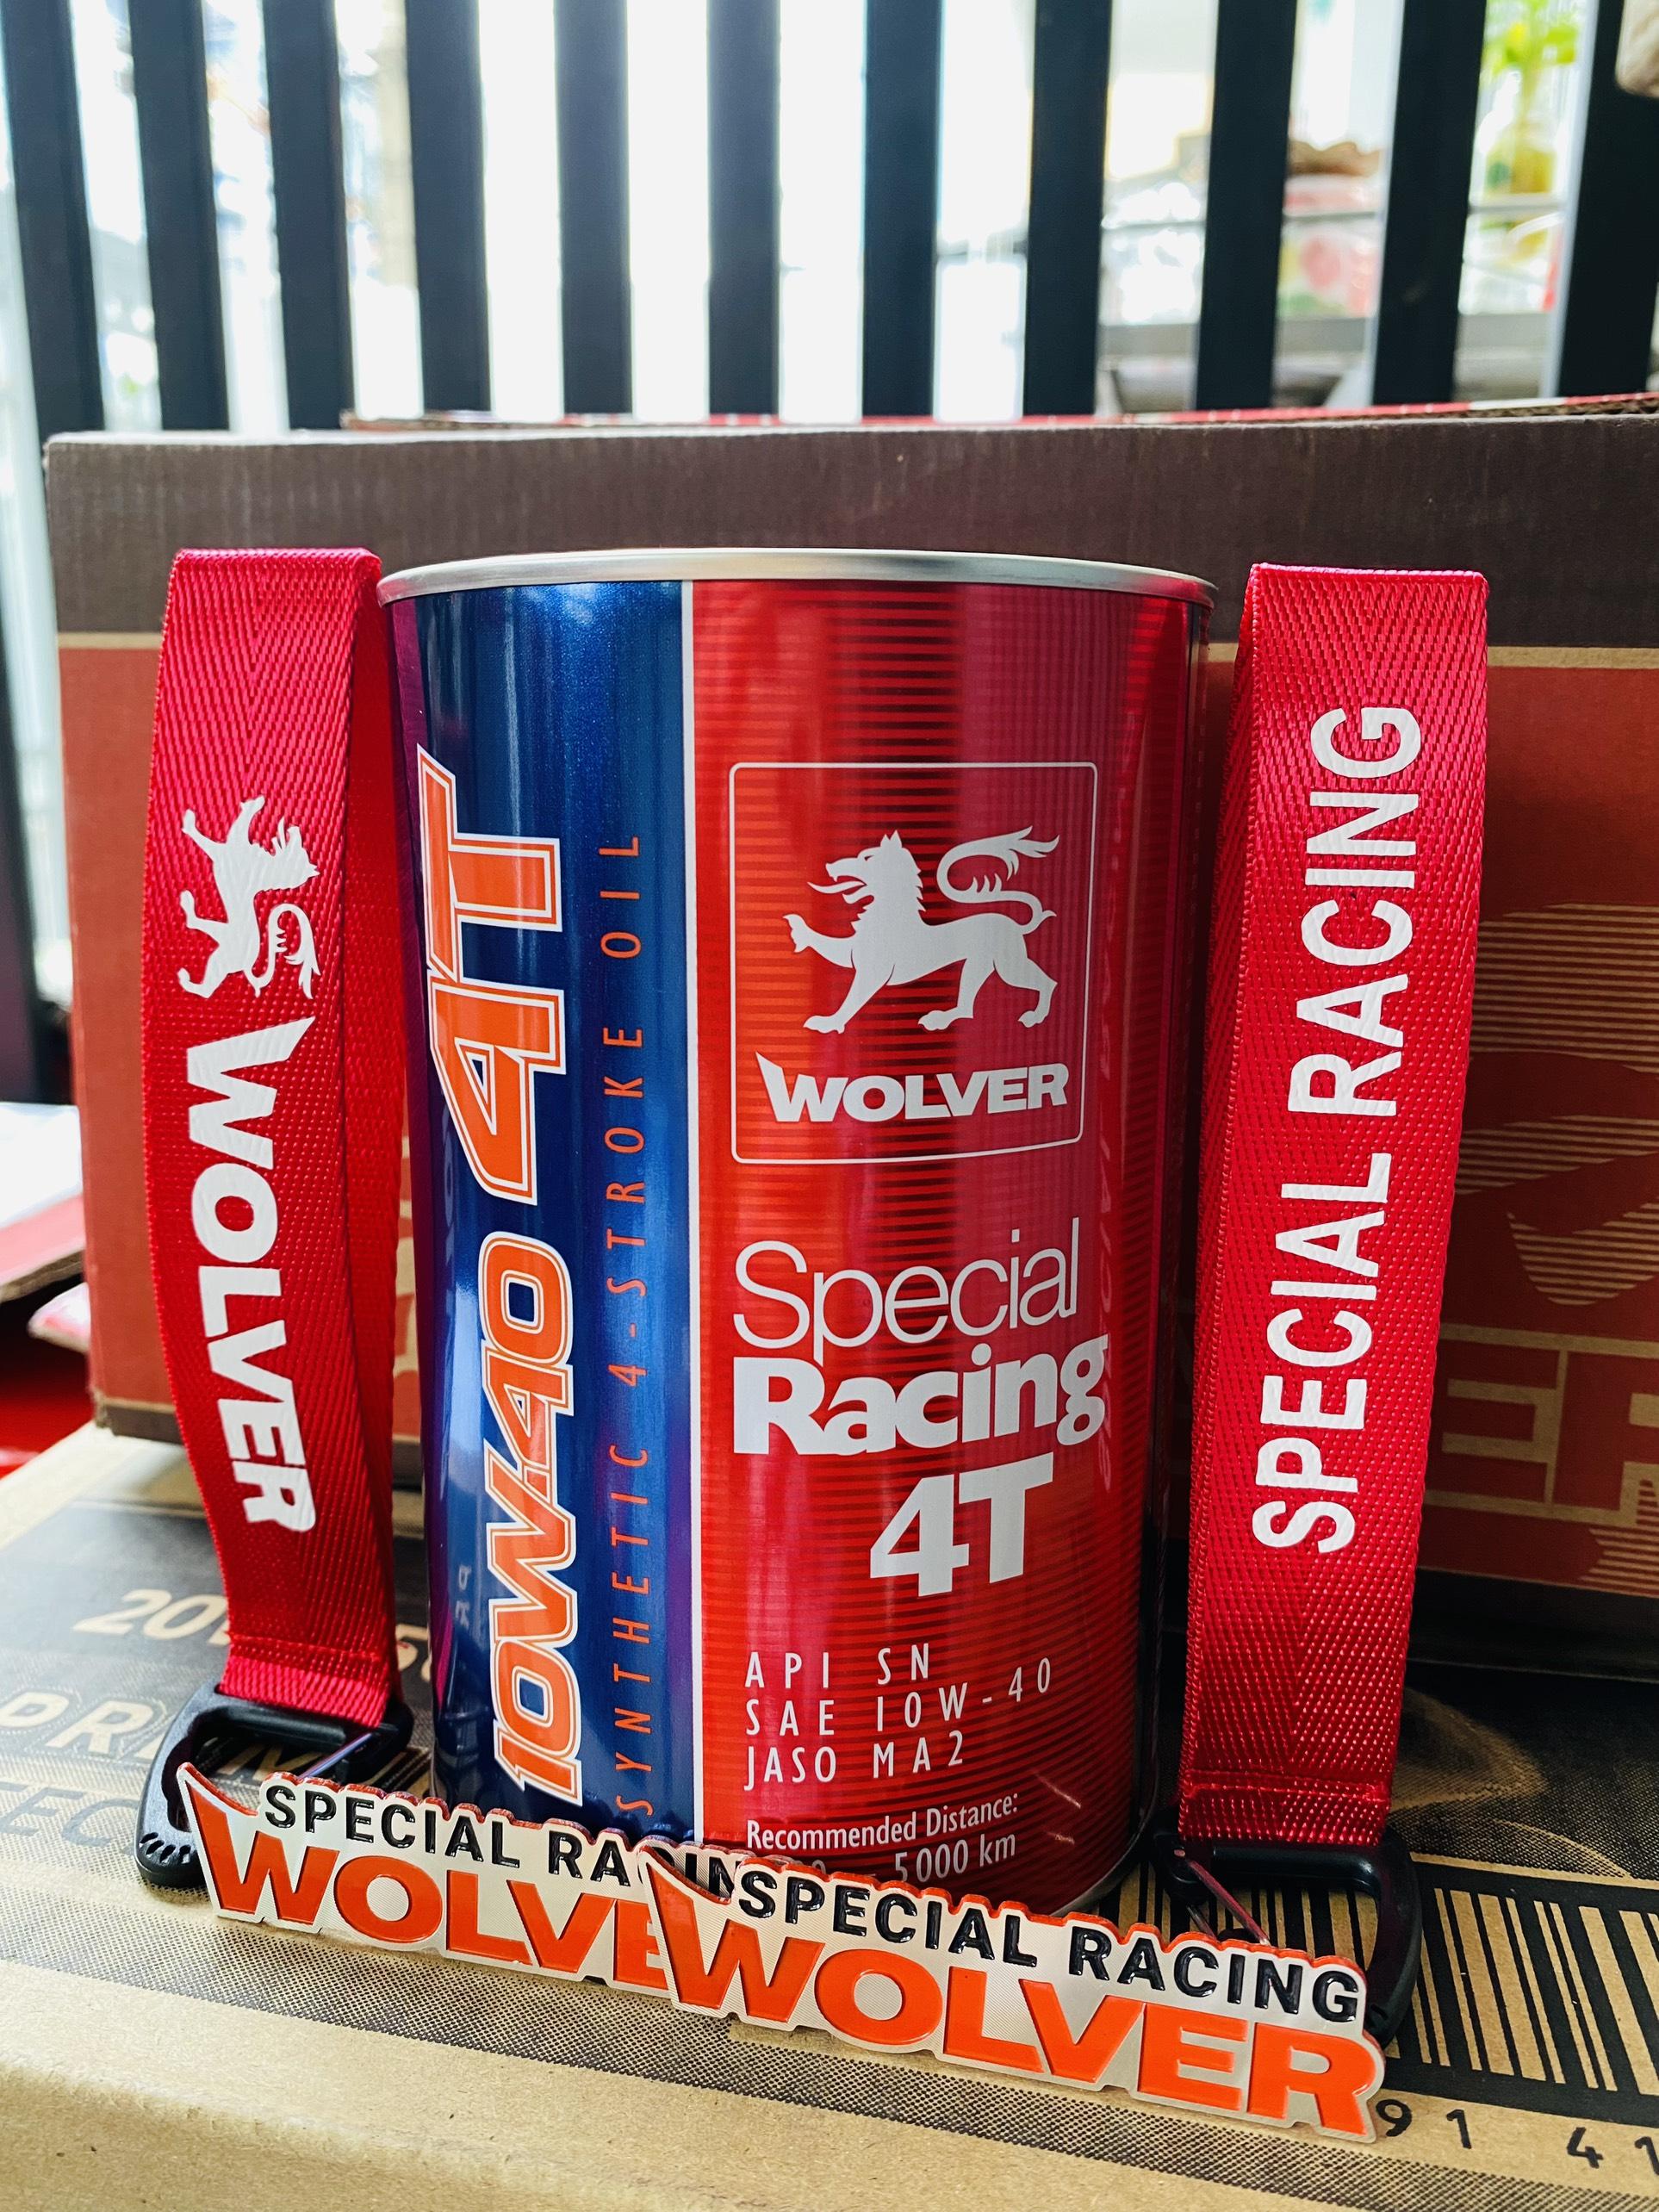 [Quà Tặng Wolver] Tem dán nhôm xướt titan (keo dán 3M siêu chắc), Móc khóa dây vải WOLVER Special Racing